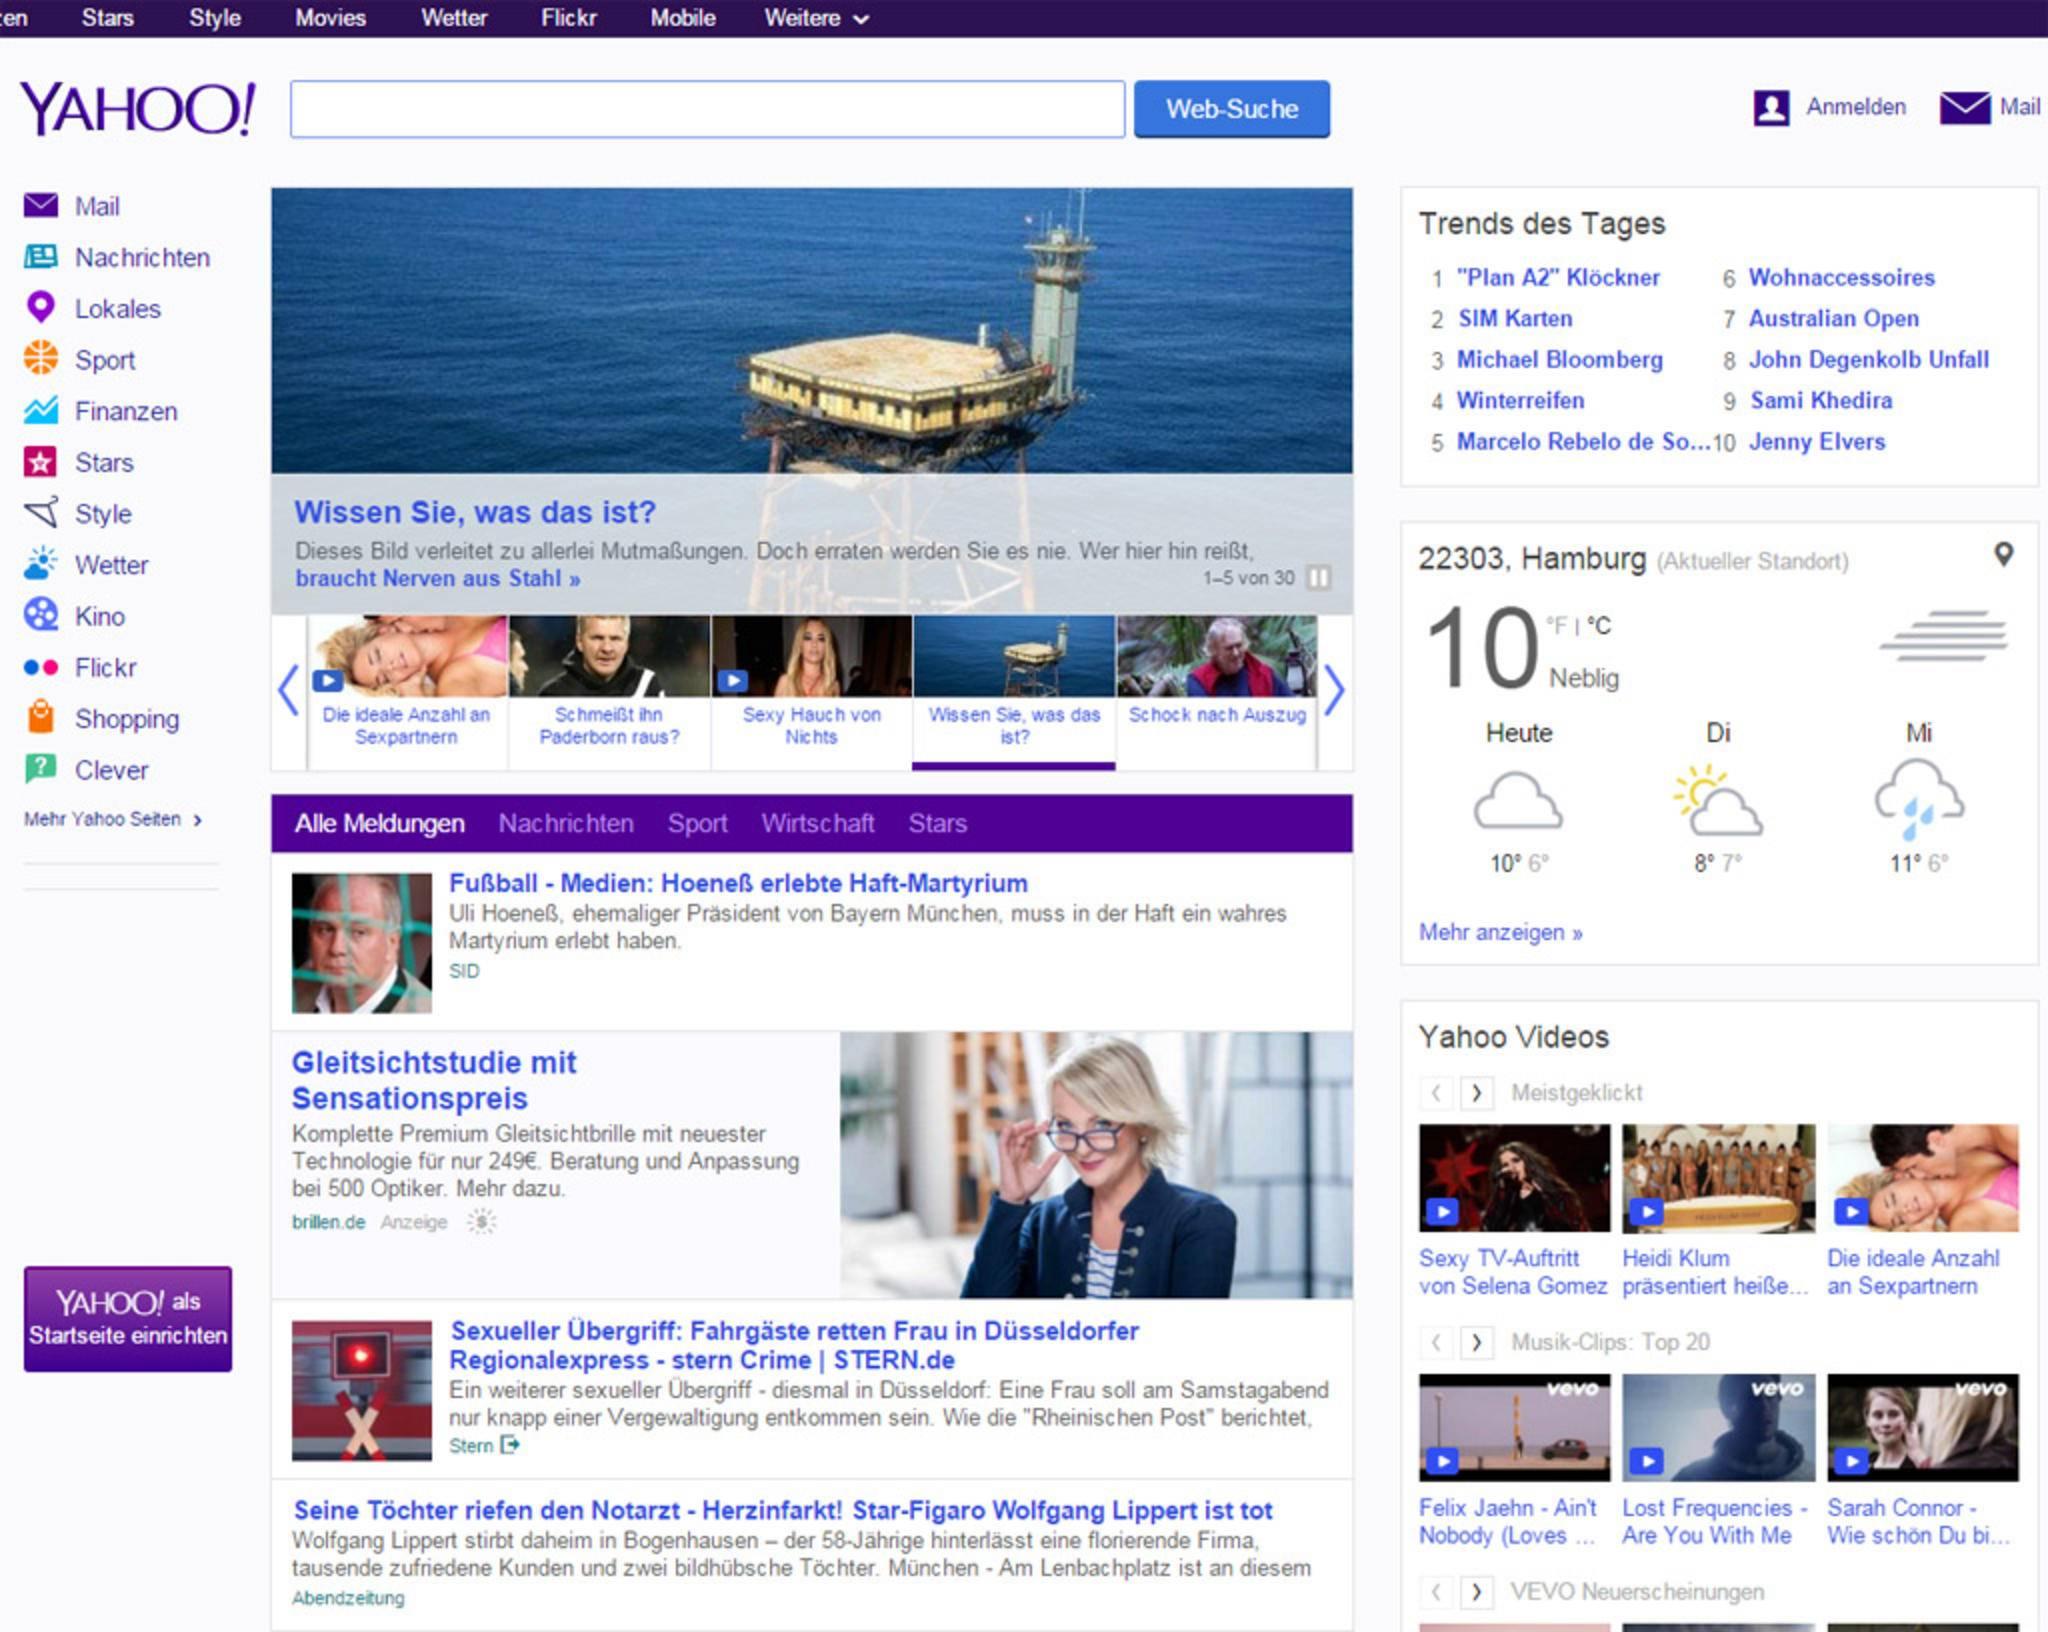 Heute spielt Yahoo als Suchmaschine keine große Rolle mehr.